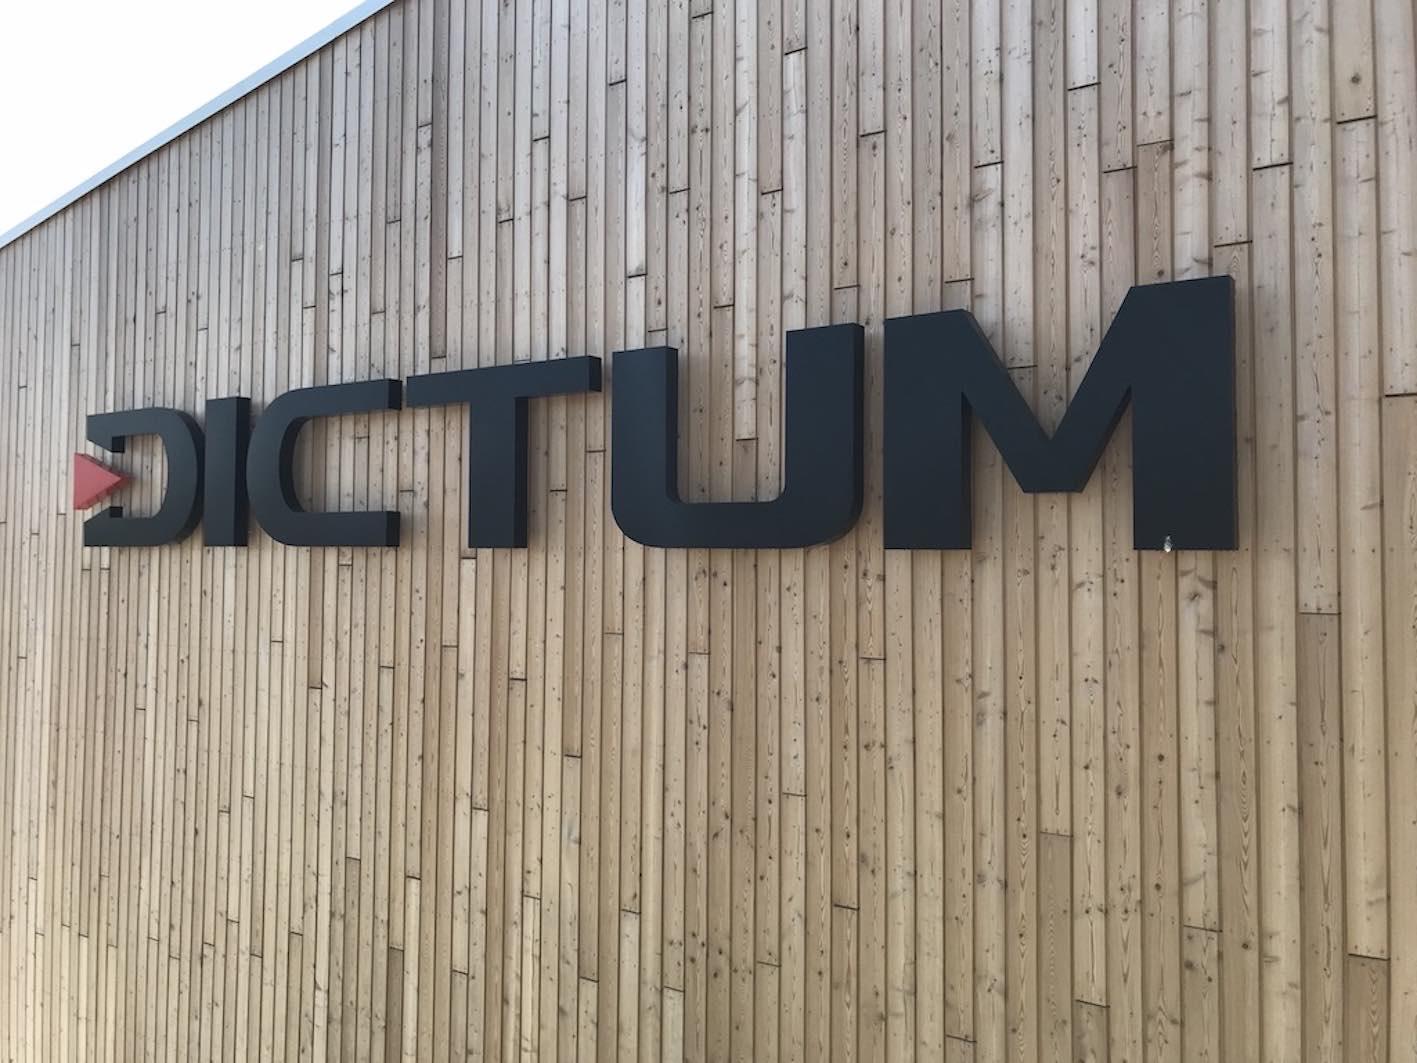 LED Einzelbuchstaben auf Holzfassade 5